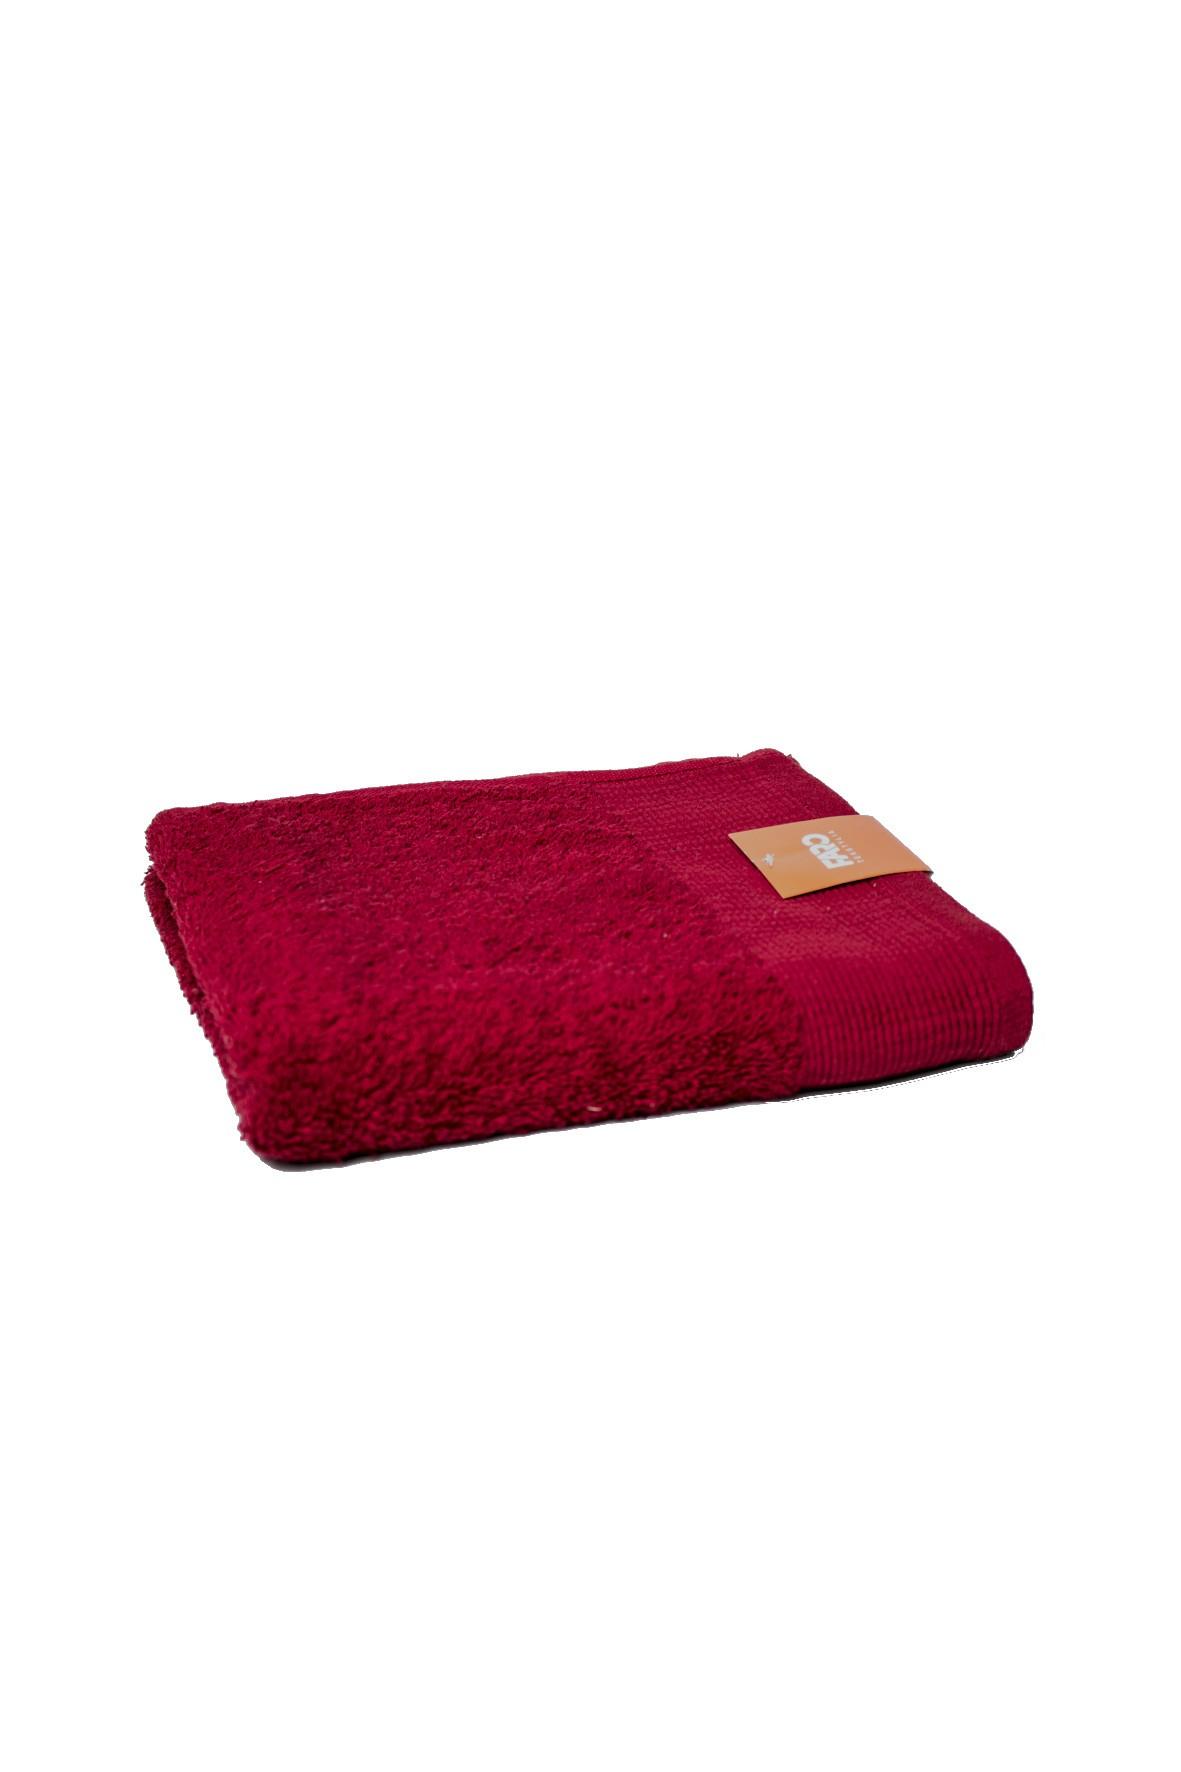 Ręcznik Aqua Frotte Bordo 70x140 cm